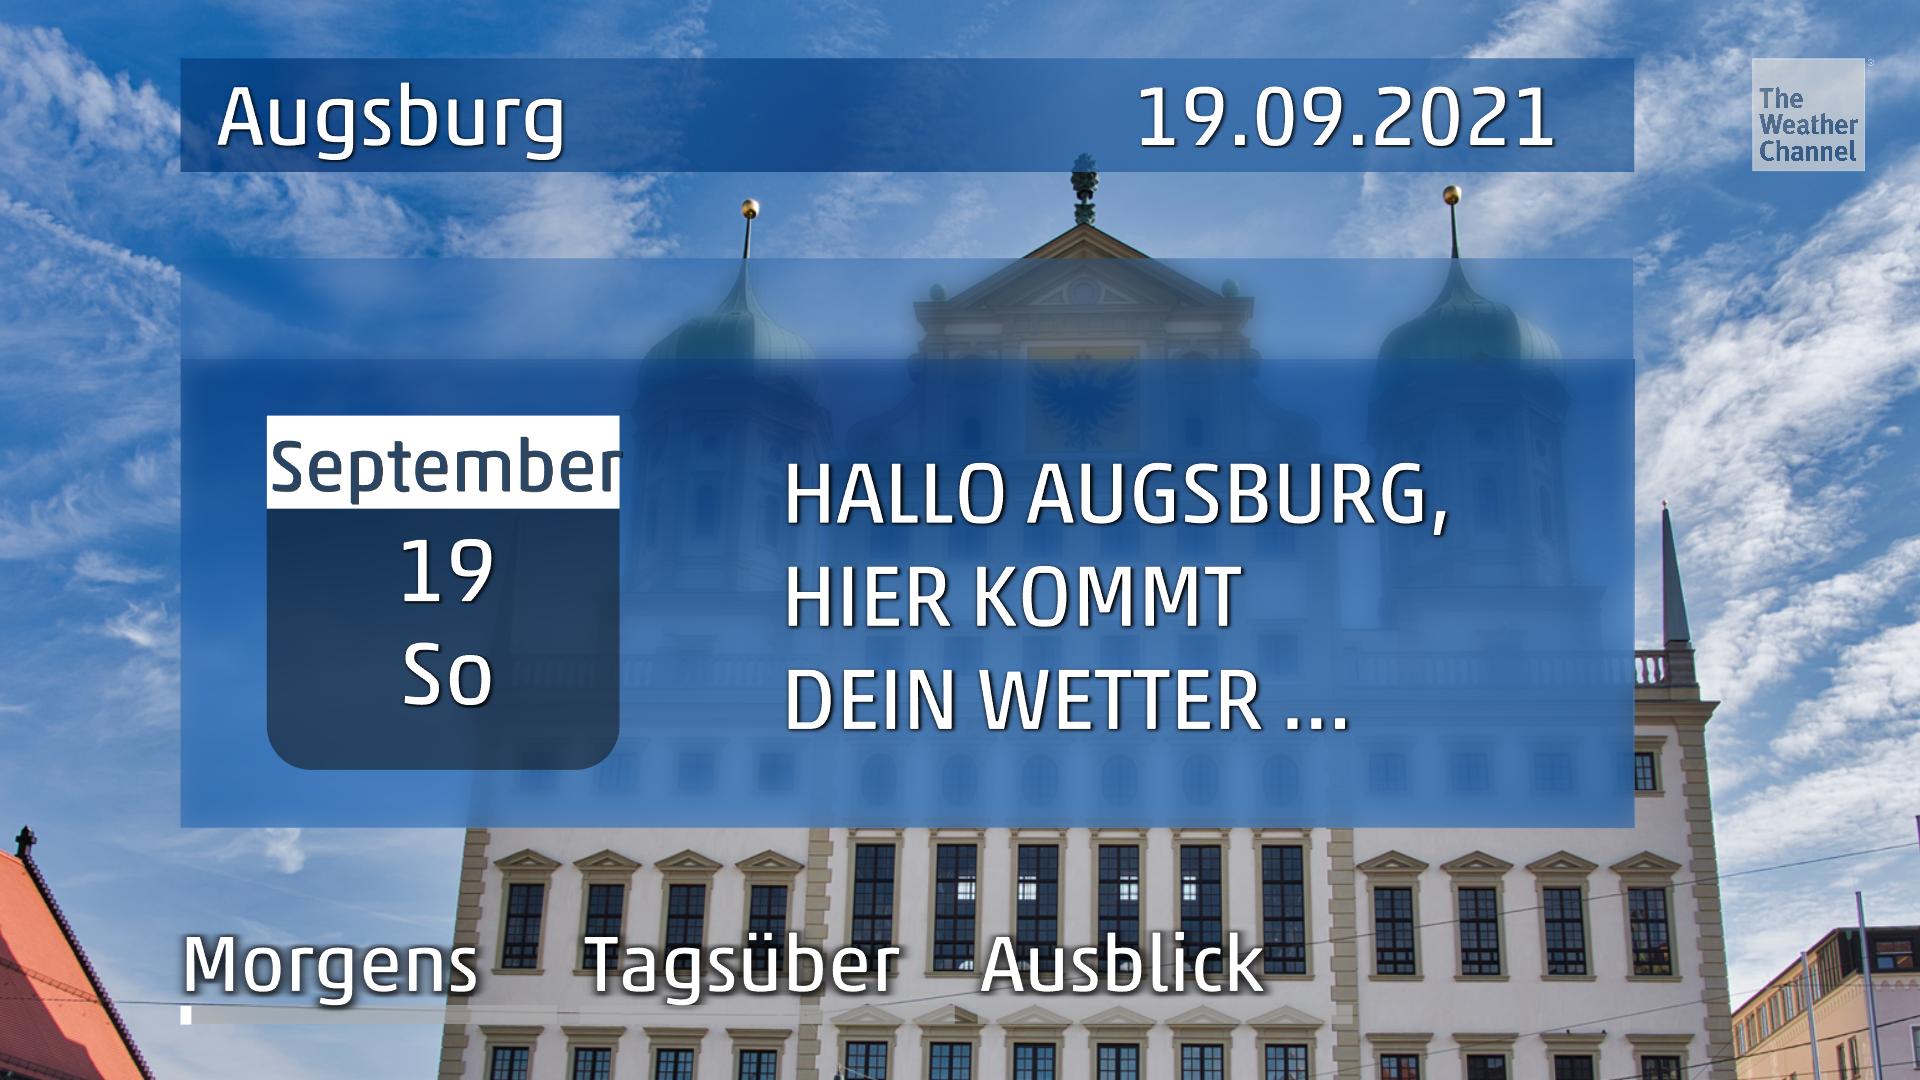 Das Wetter für Augsburg am Sonntag, den 19.09.2021